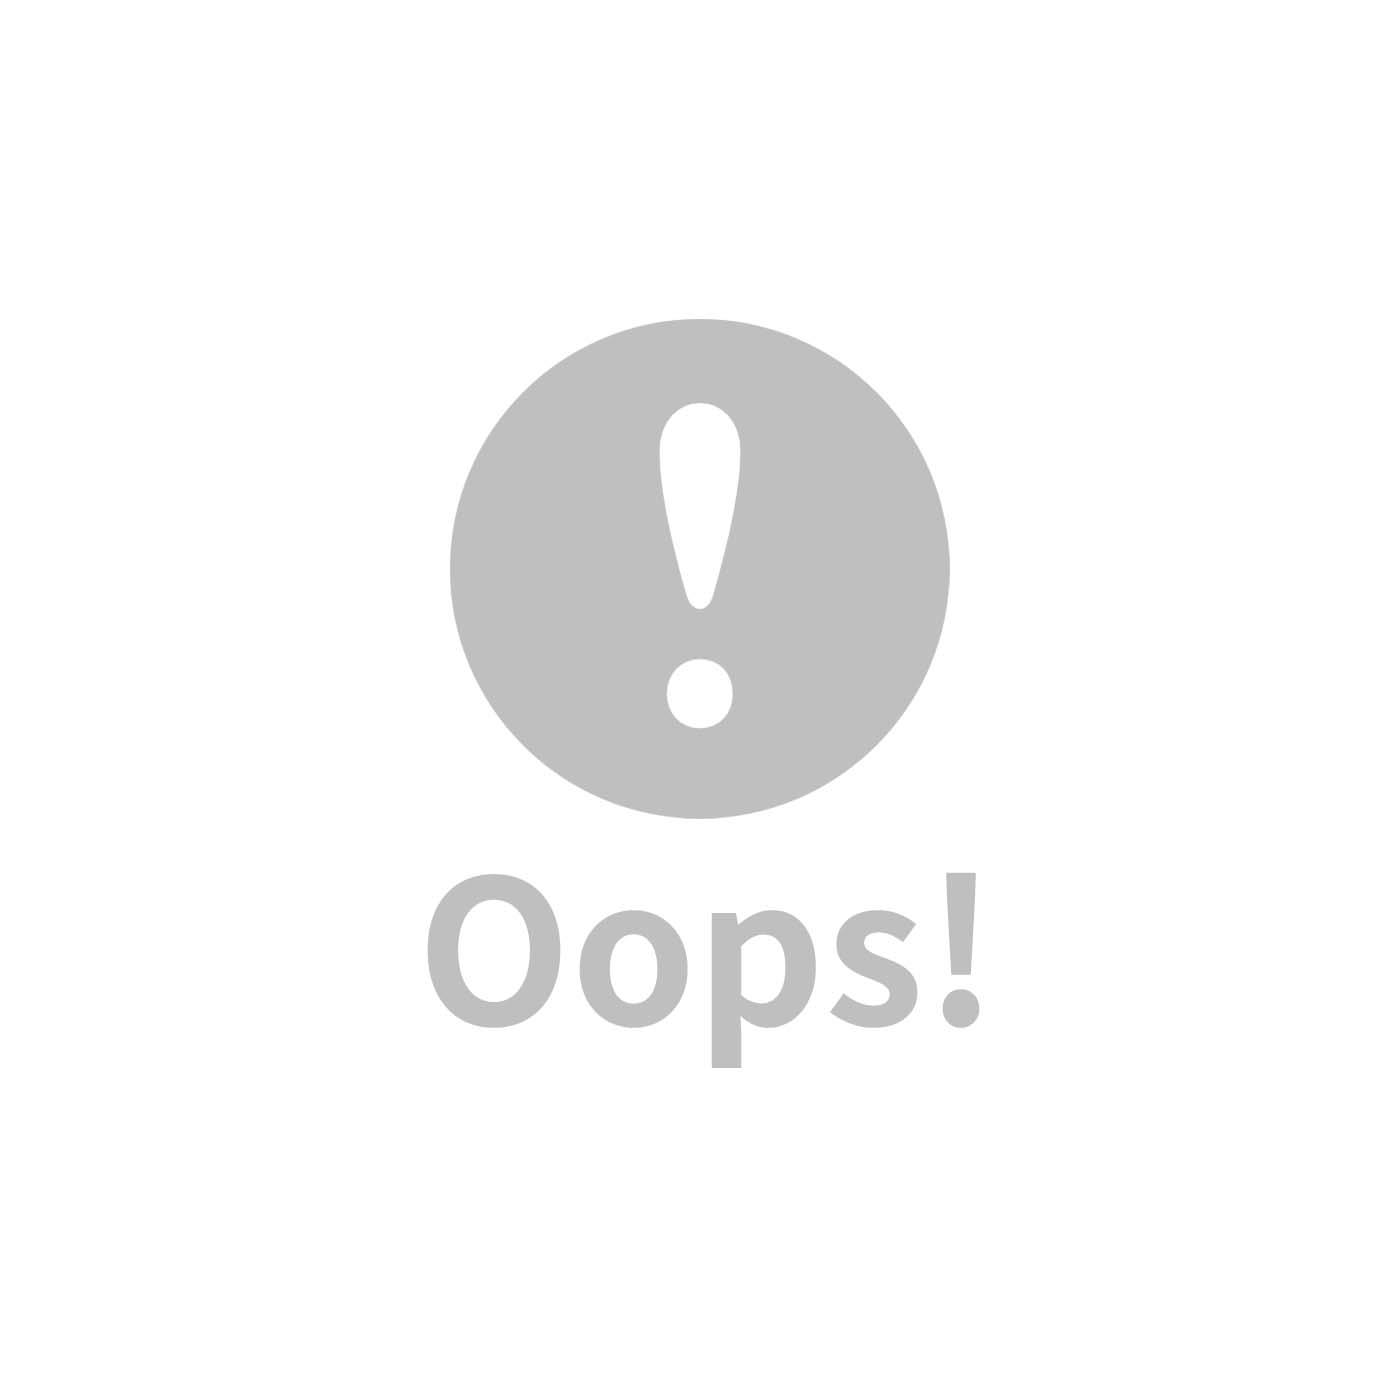 【彌月禮盒】La Millou 天使枕+單面巧柔豆豆毯(多款可選)-附禮盒包裝+送禮提袋